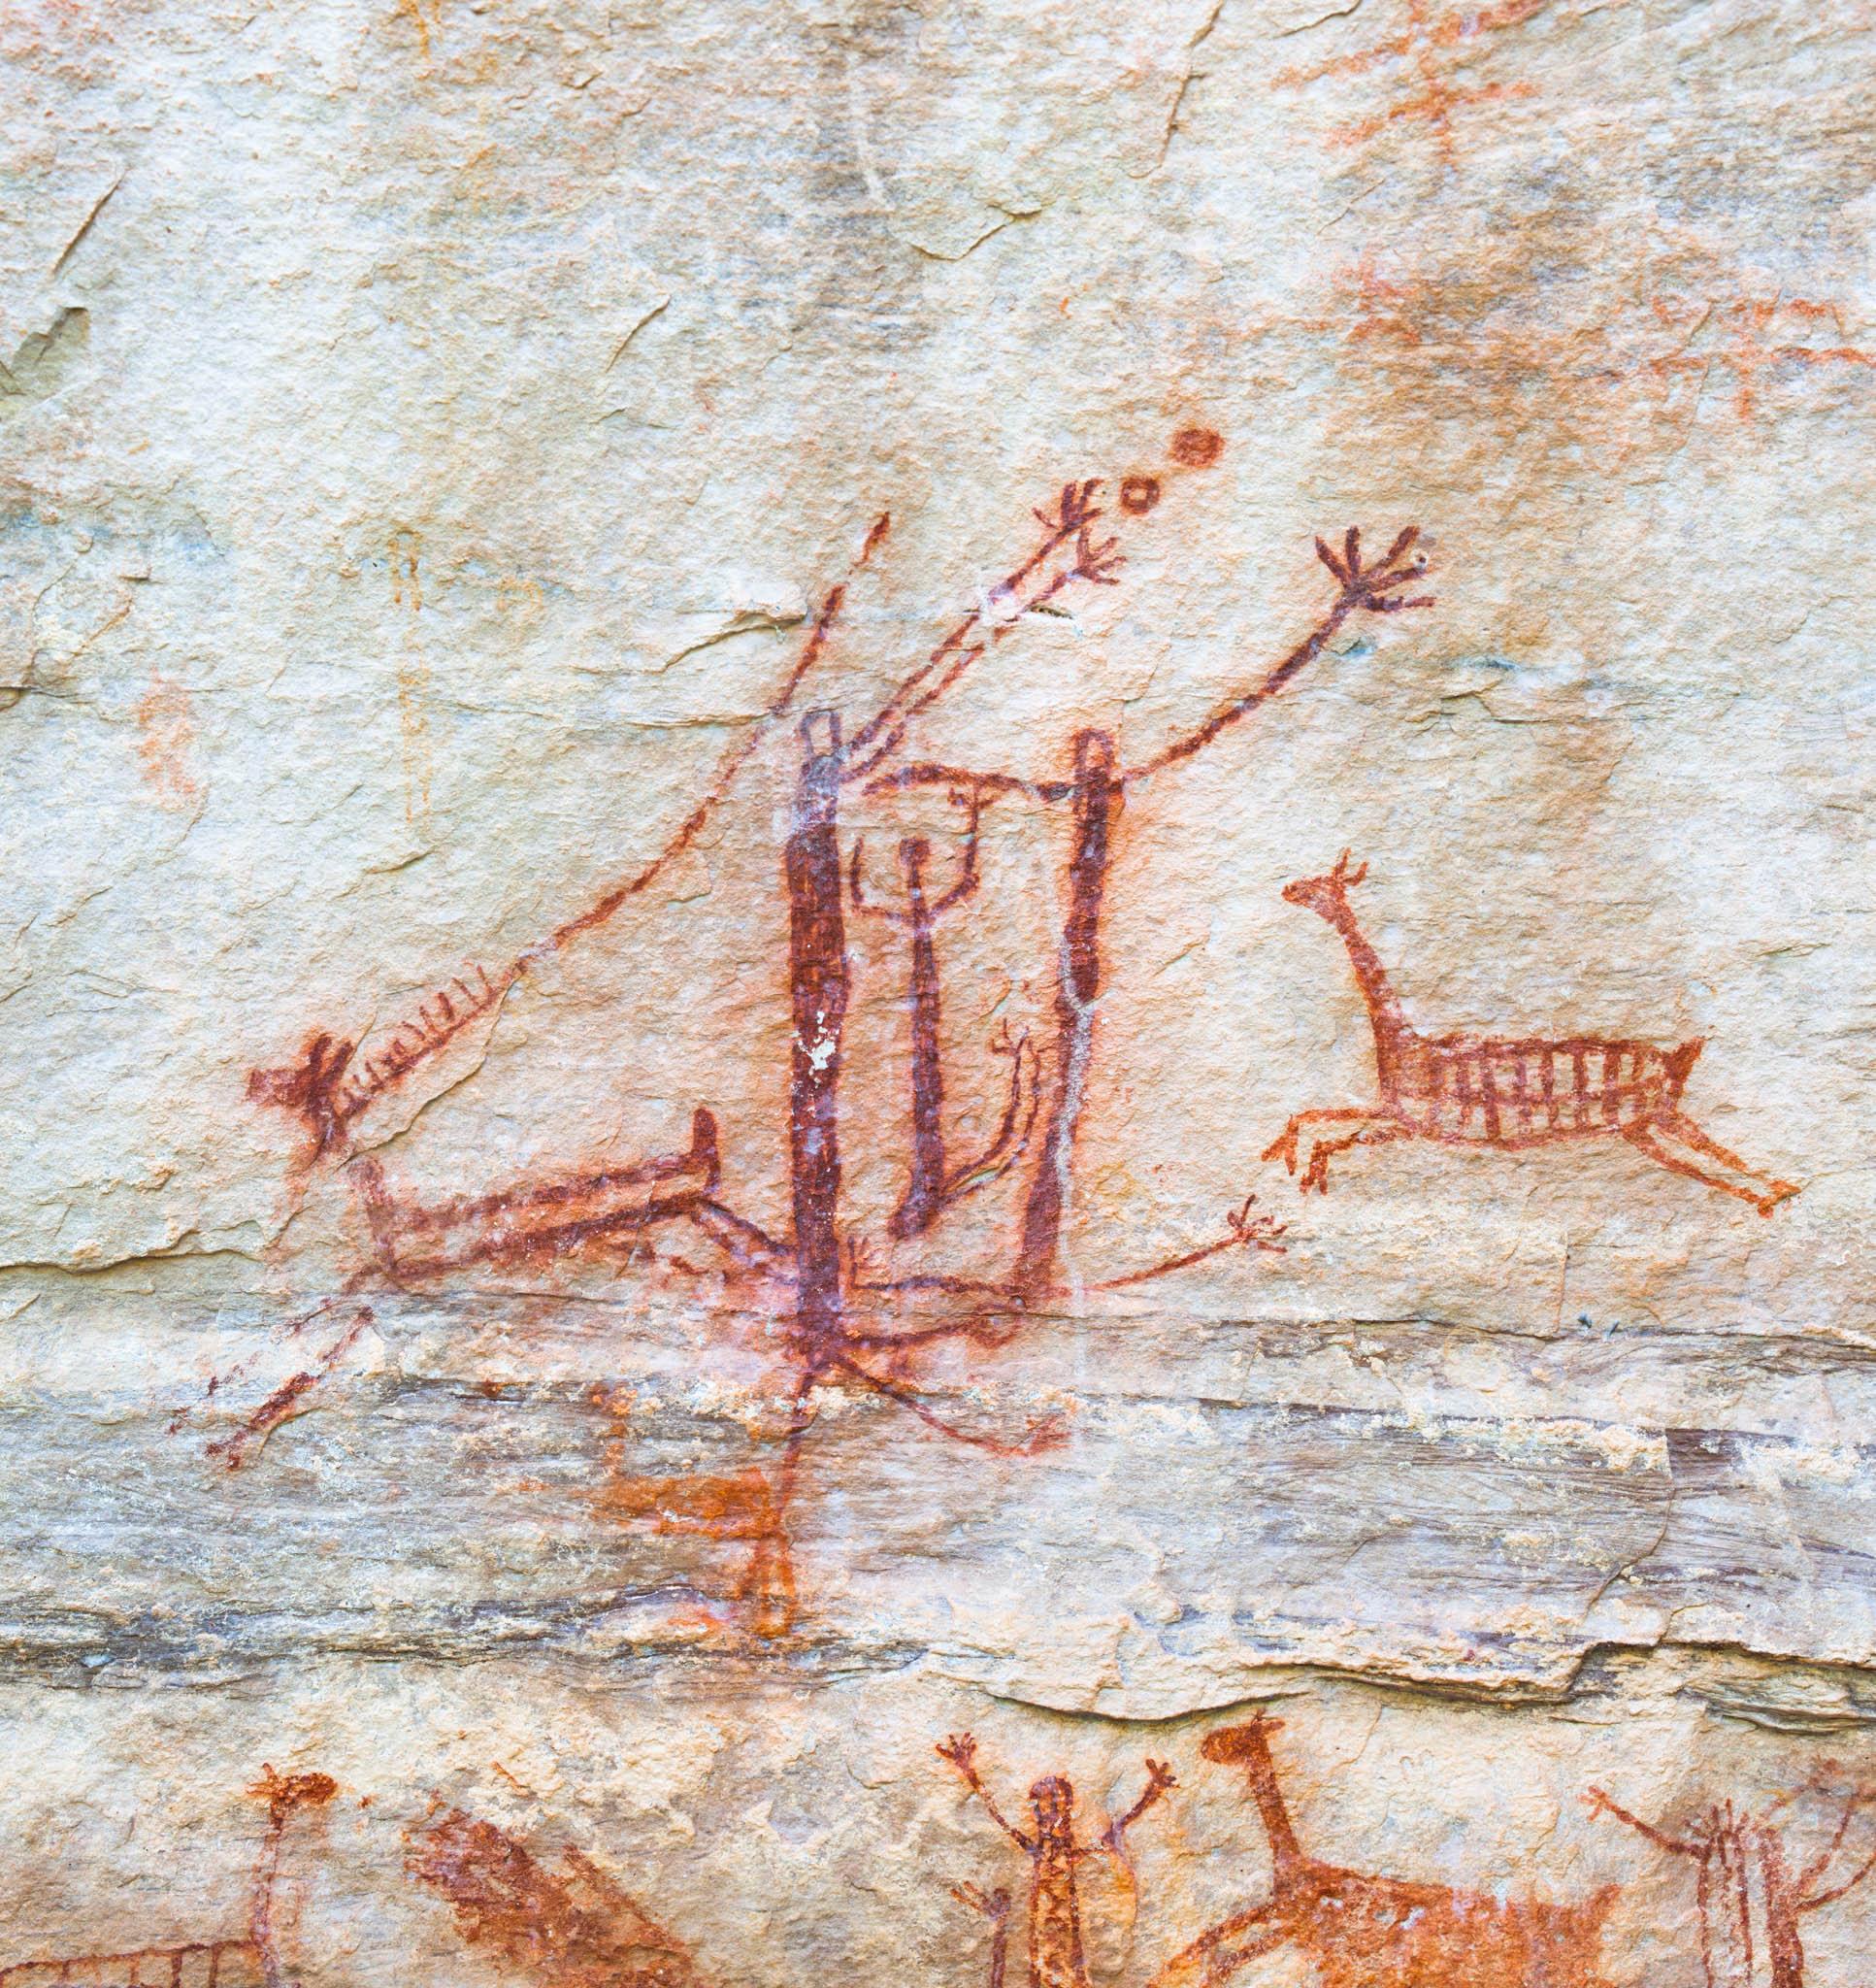 Pinturas Rupestres, Toca Pinga do Boi, Parque Nacional da Serra da Capivara, Piaui_7687